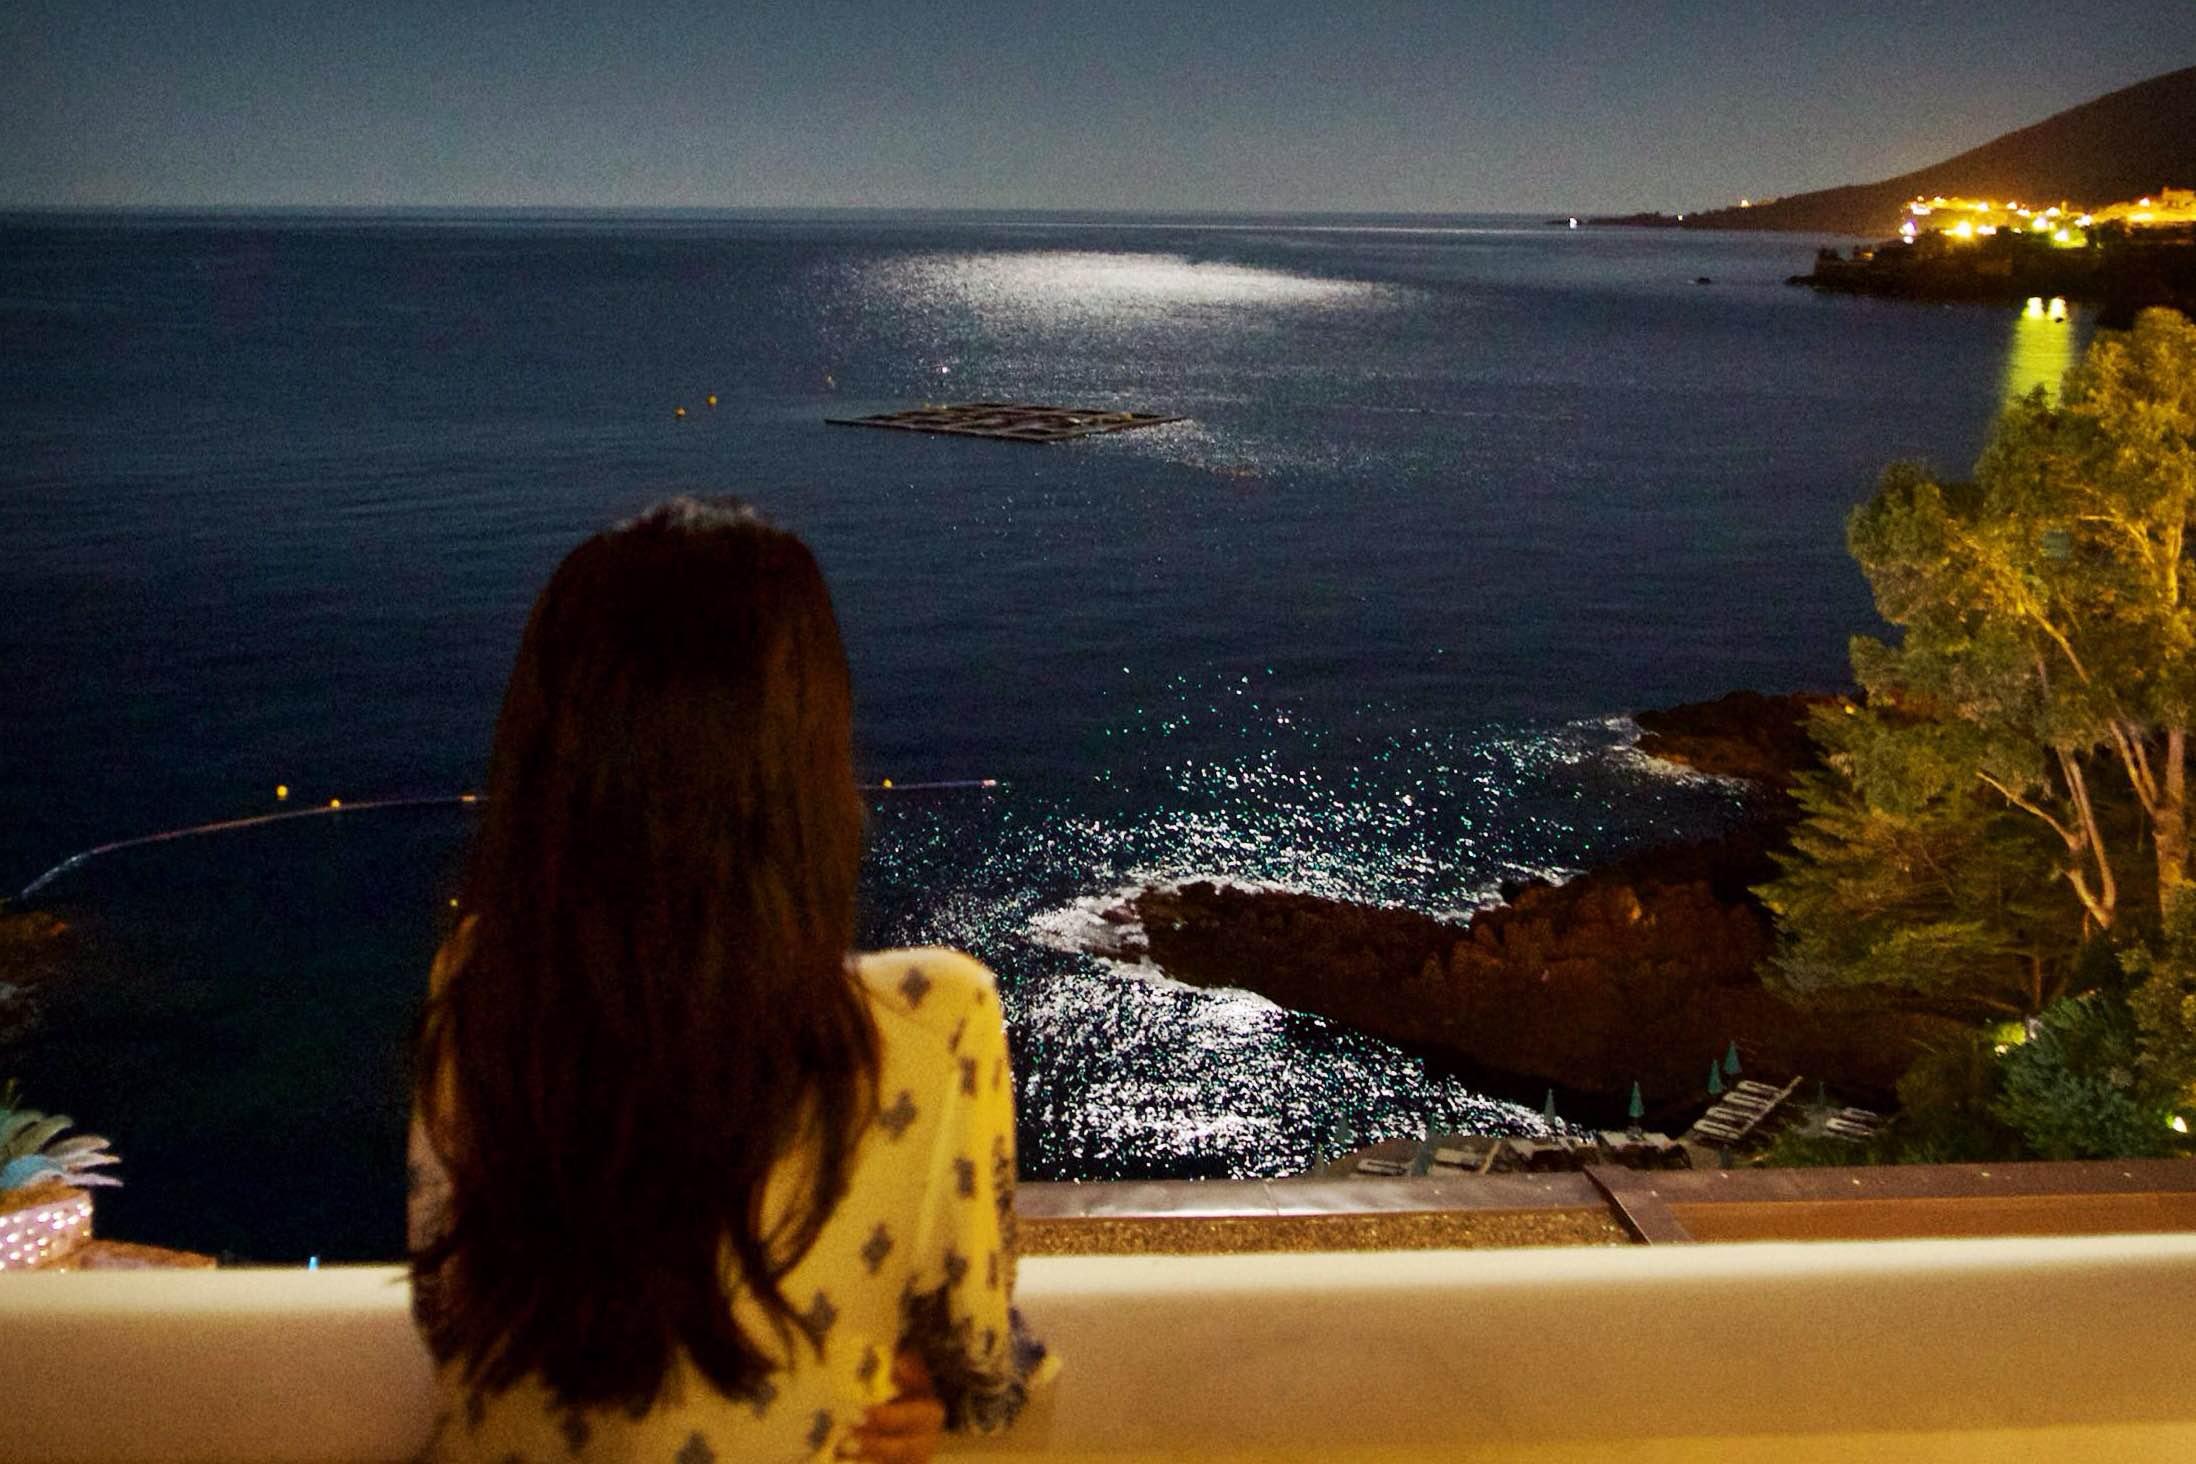 30-Tiara-Miramar-Beach-Hotel-Spa-Cote-dAzur-Disi-Couture-Edisa-Shahini-Cannes-France